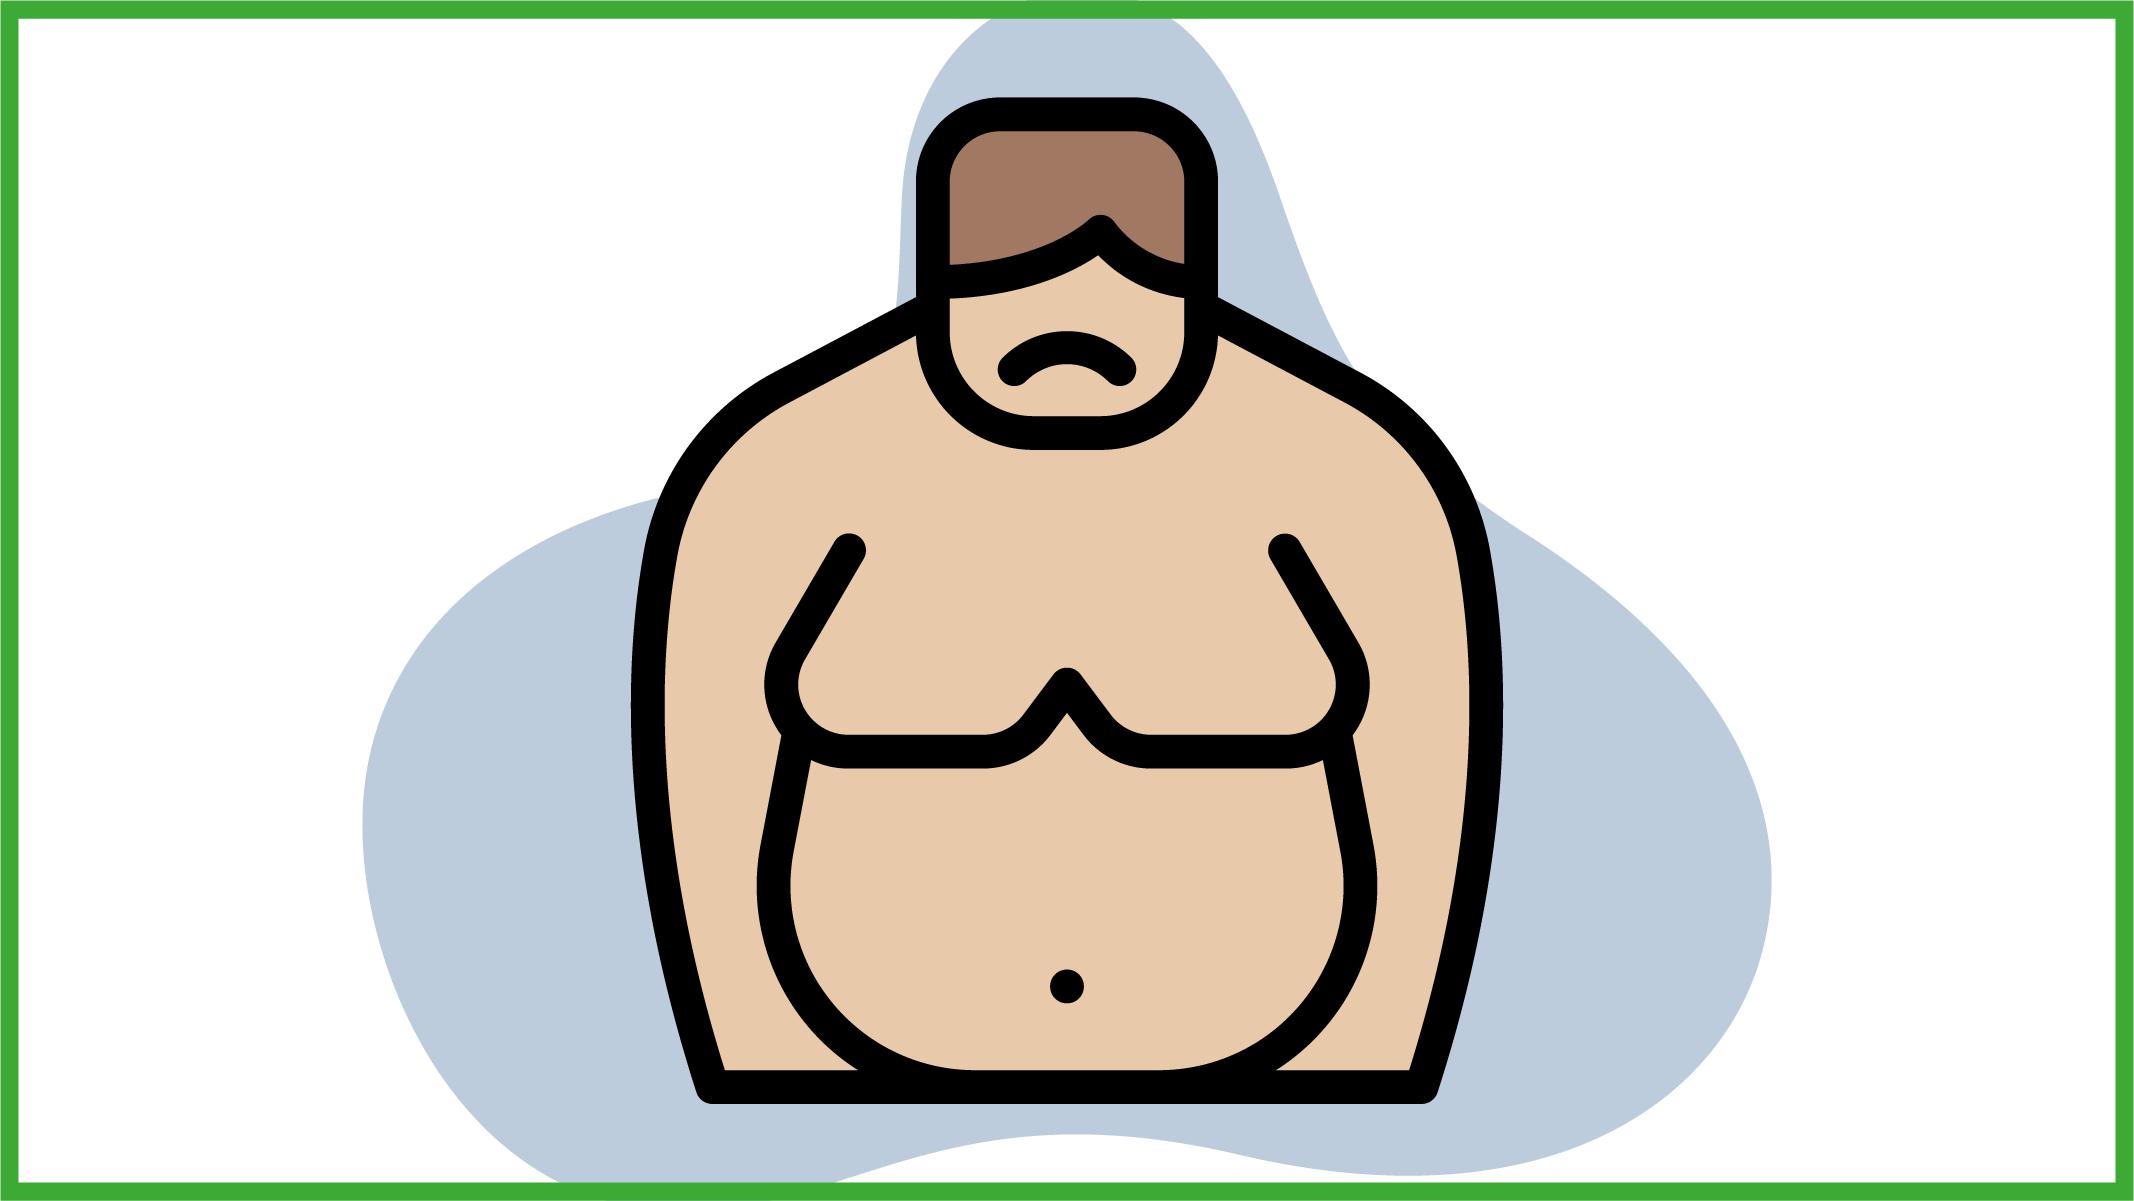 Bambini in sovrappeso ed alimentazione sbagliata